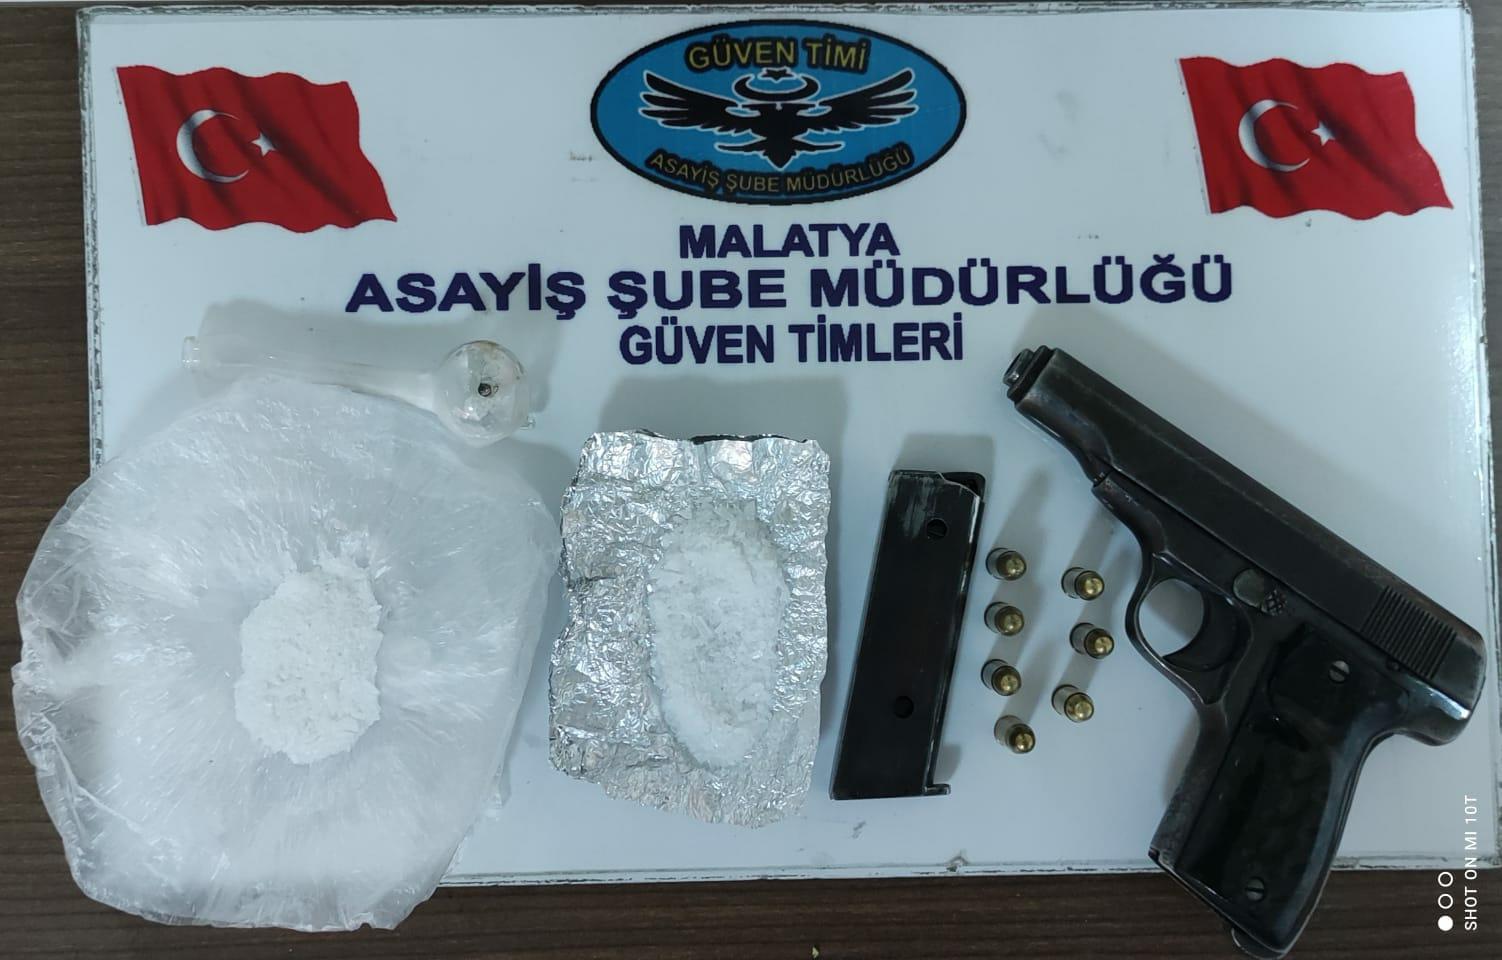 Malatya Emniyet'i Huzuru Bozanları Af Etmiyor